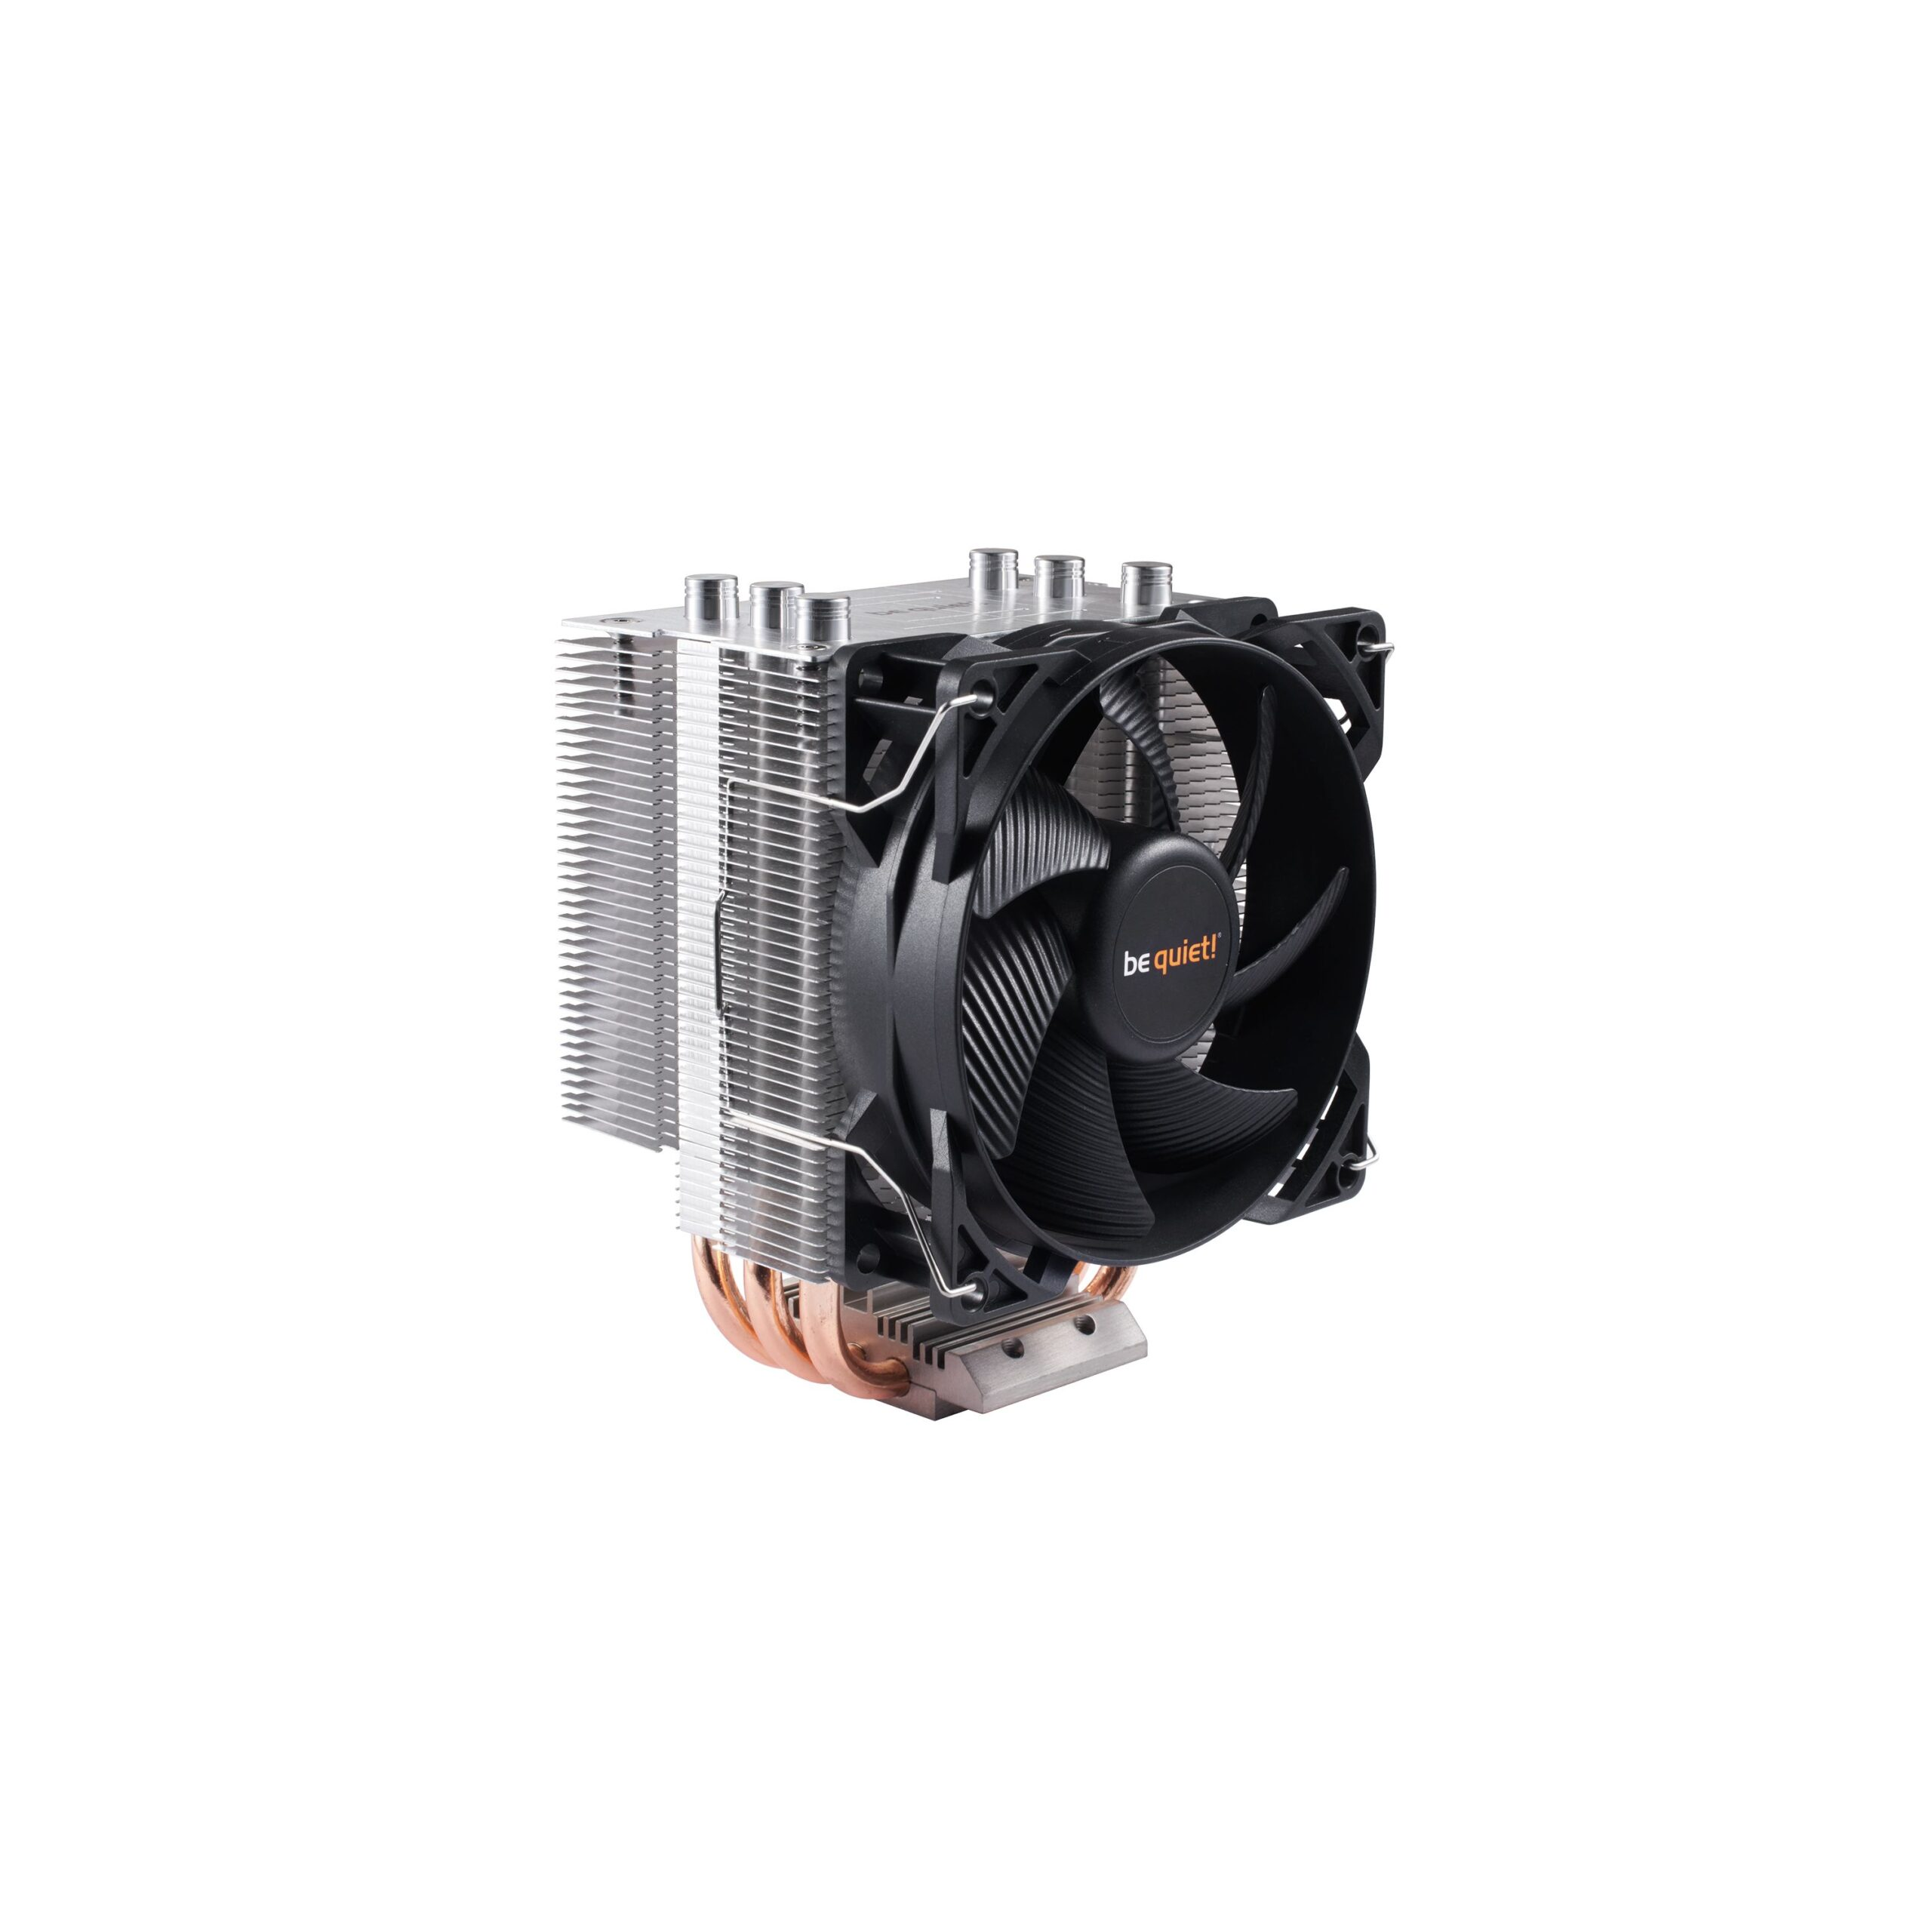 ΨΥΚΤΡΑ CPU COOLER BE QUIET PURE ROCK SLIM